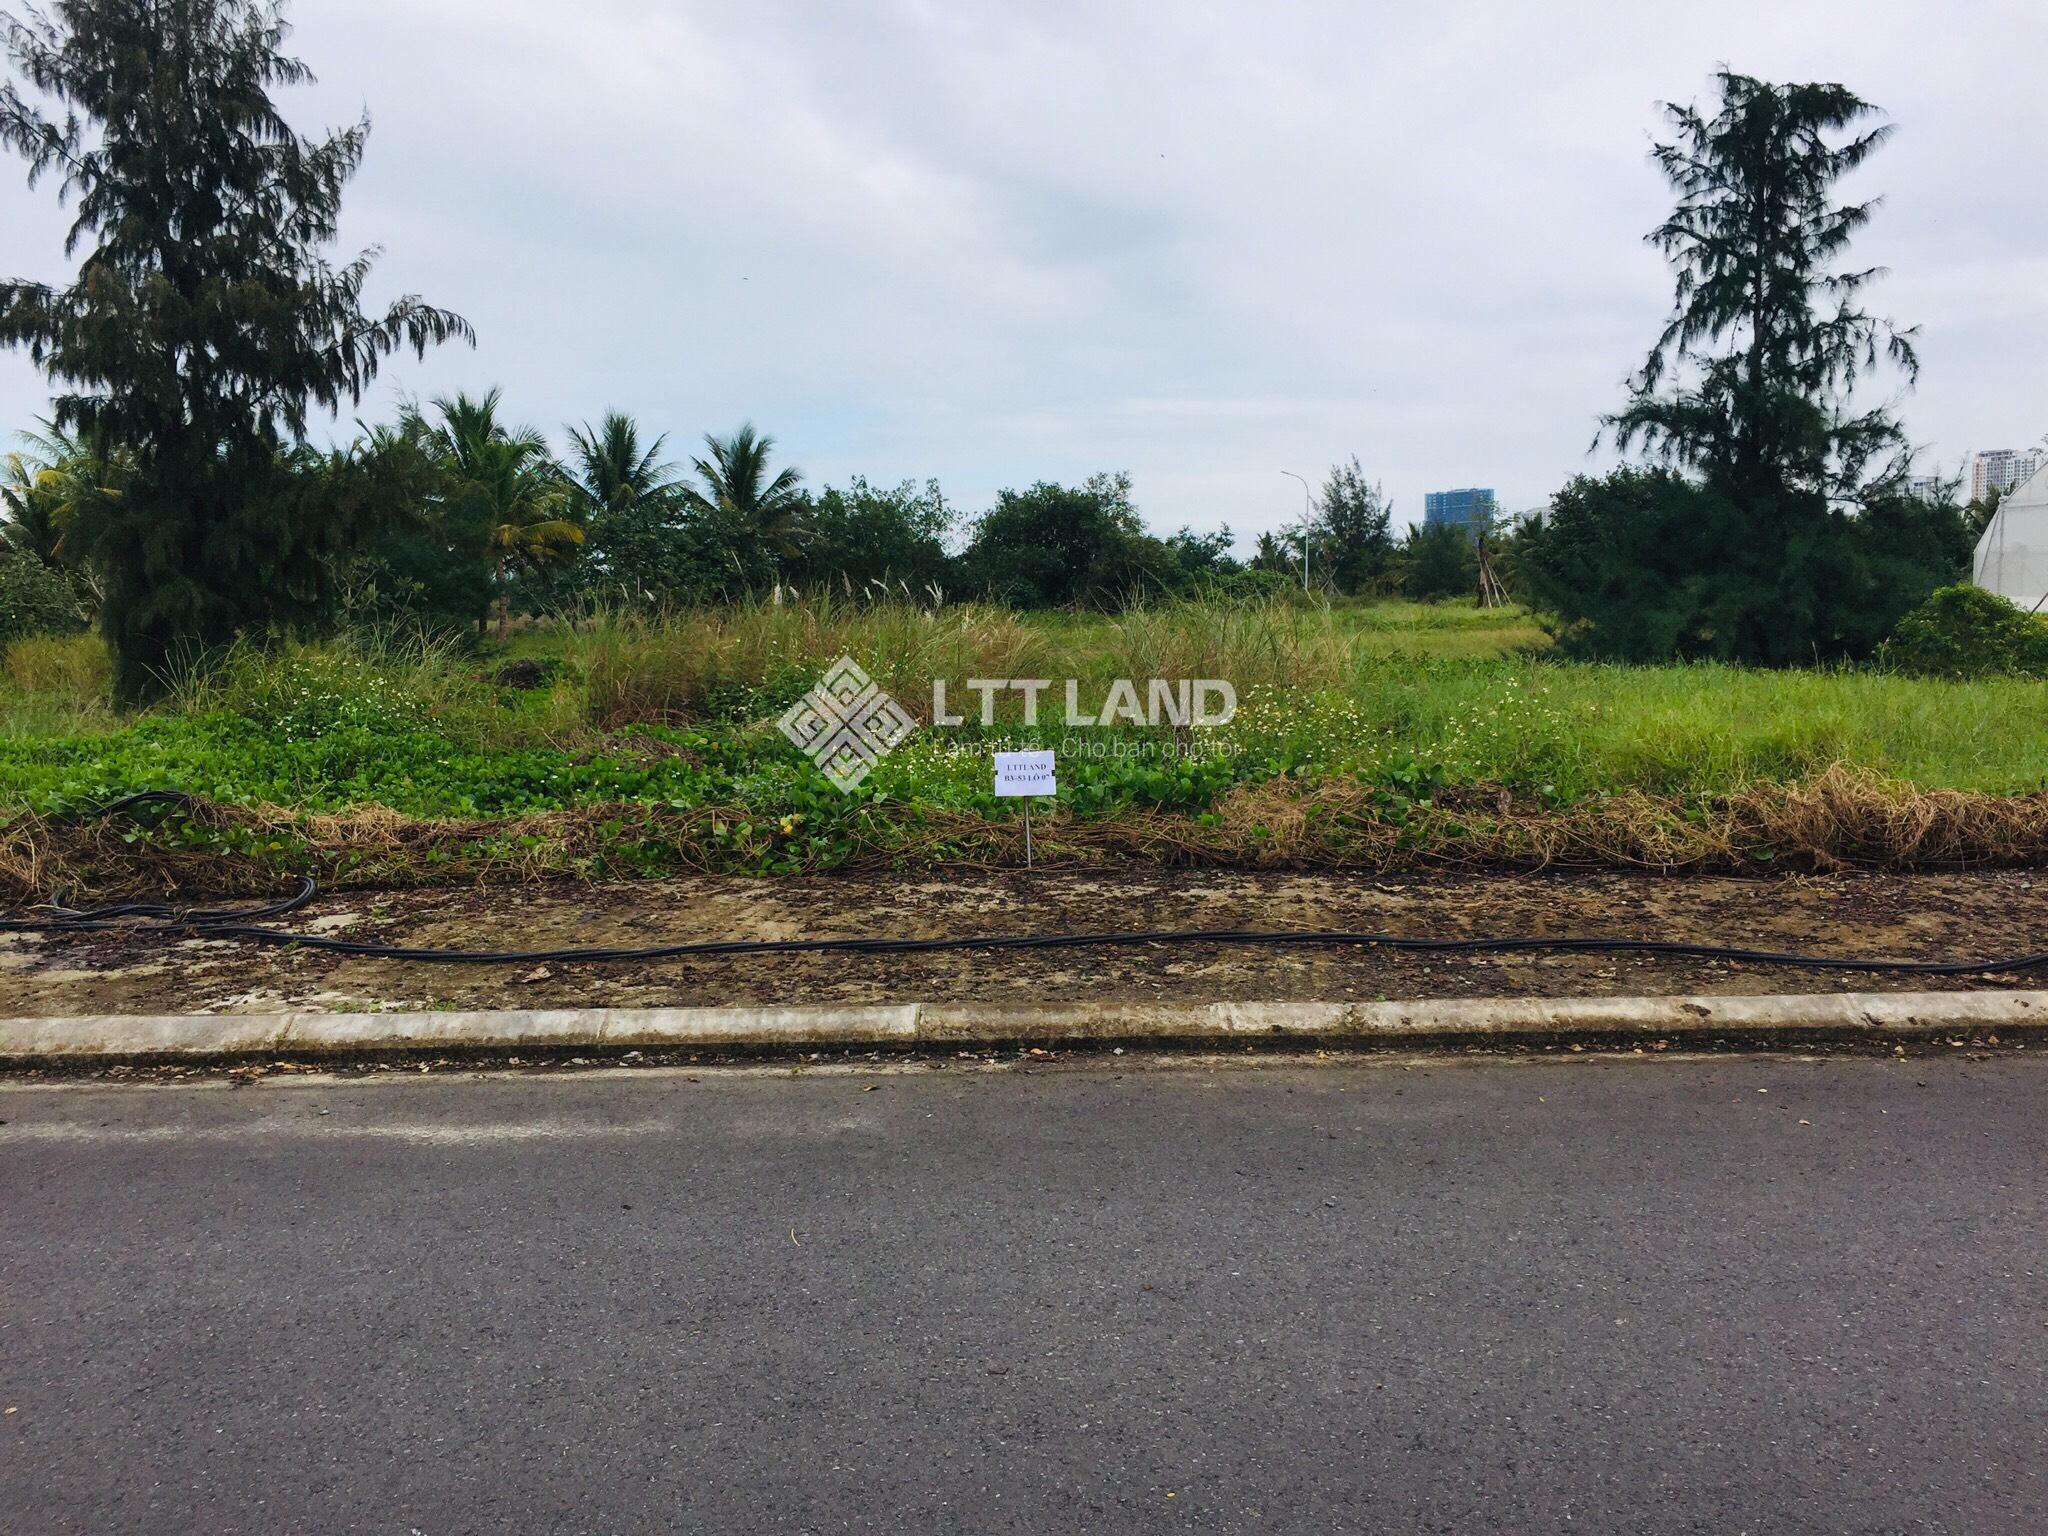 Biệt thự siêu tốt để đầu tư tại Đà Nẵng